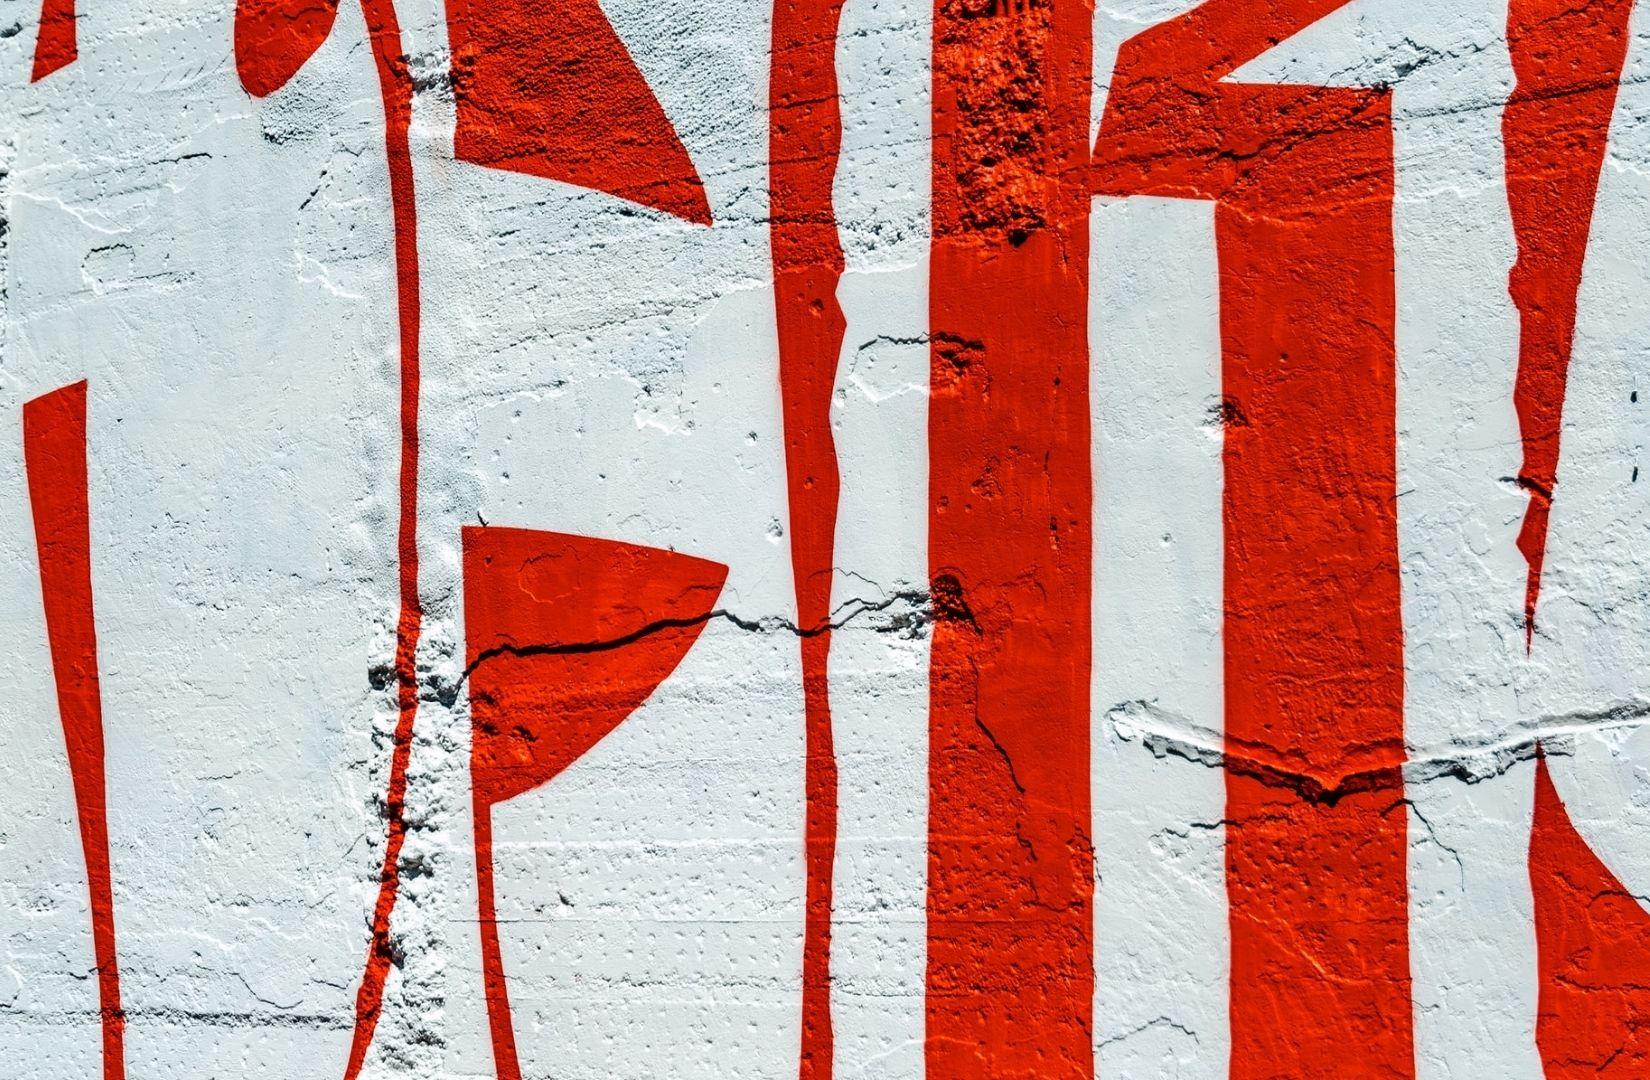 Niederlagen und Siege sind mehr als Farben an der Wand. (Foto: Mike van den Bos, Unsplash.com)